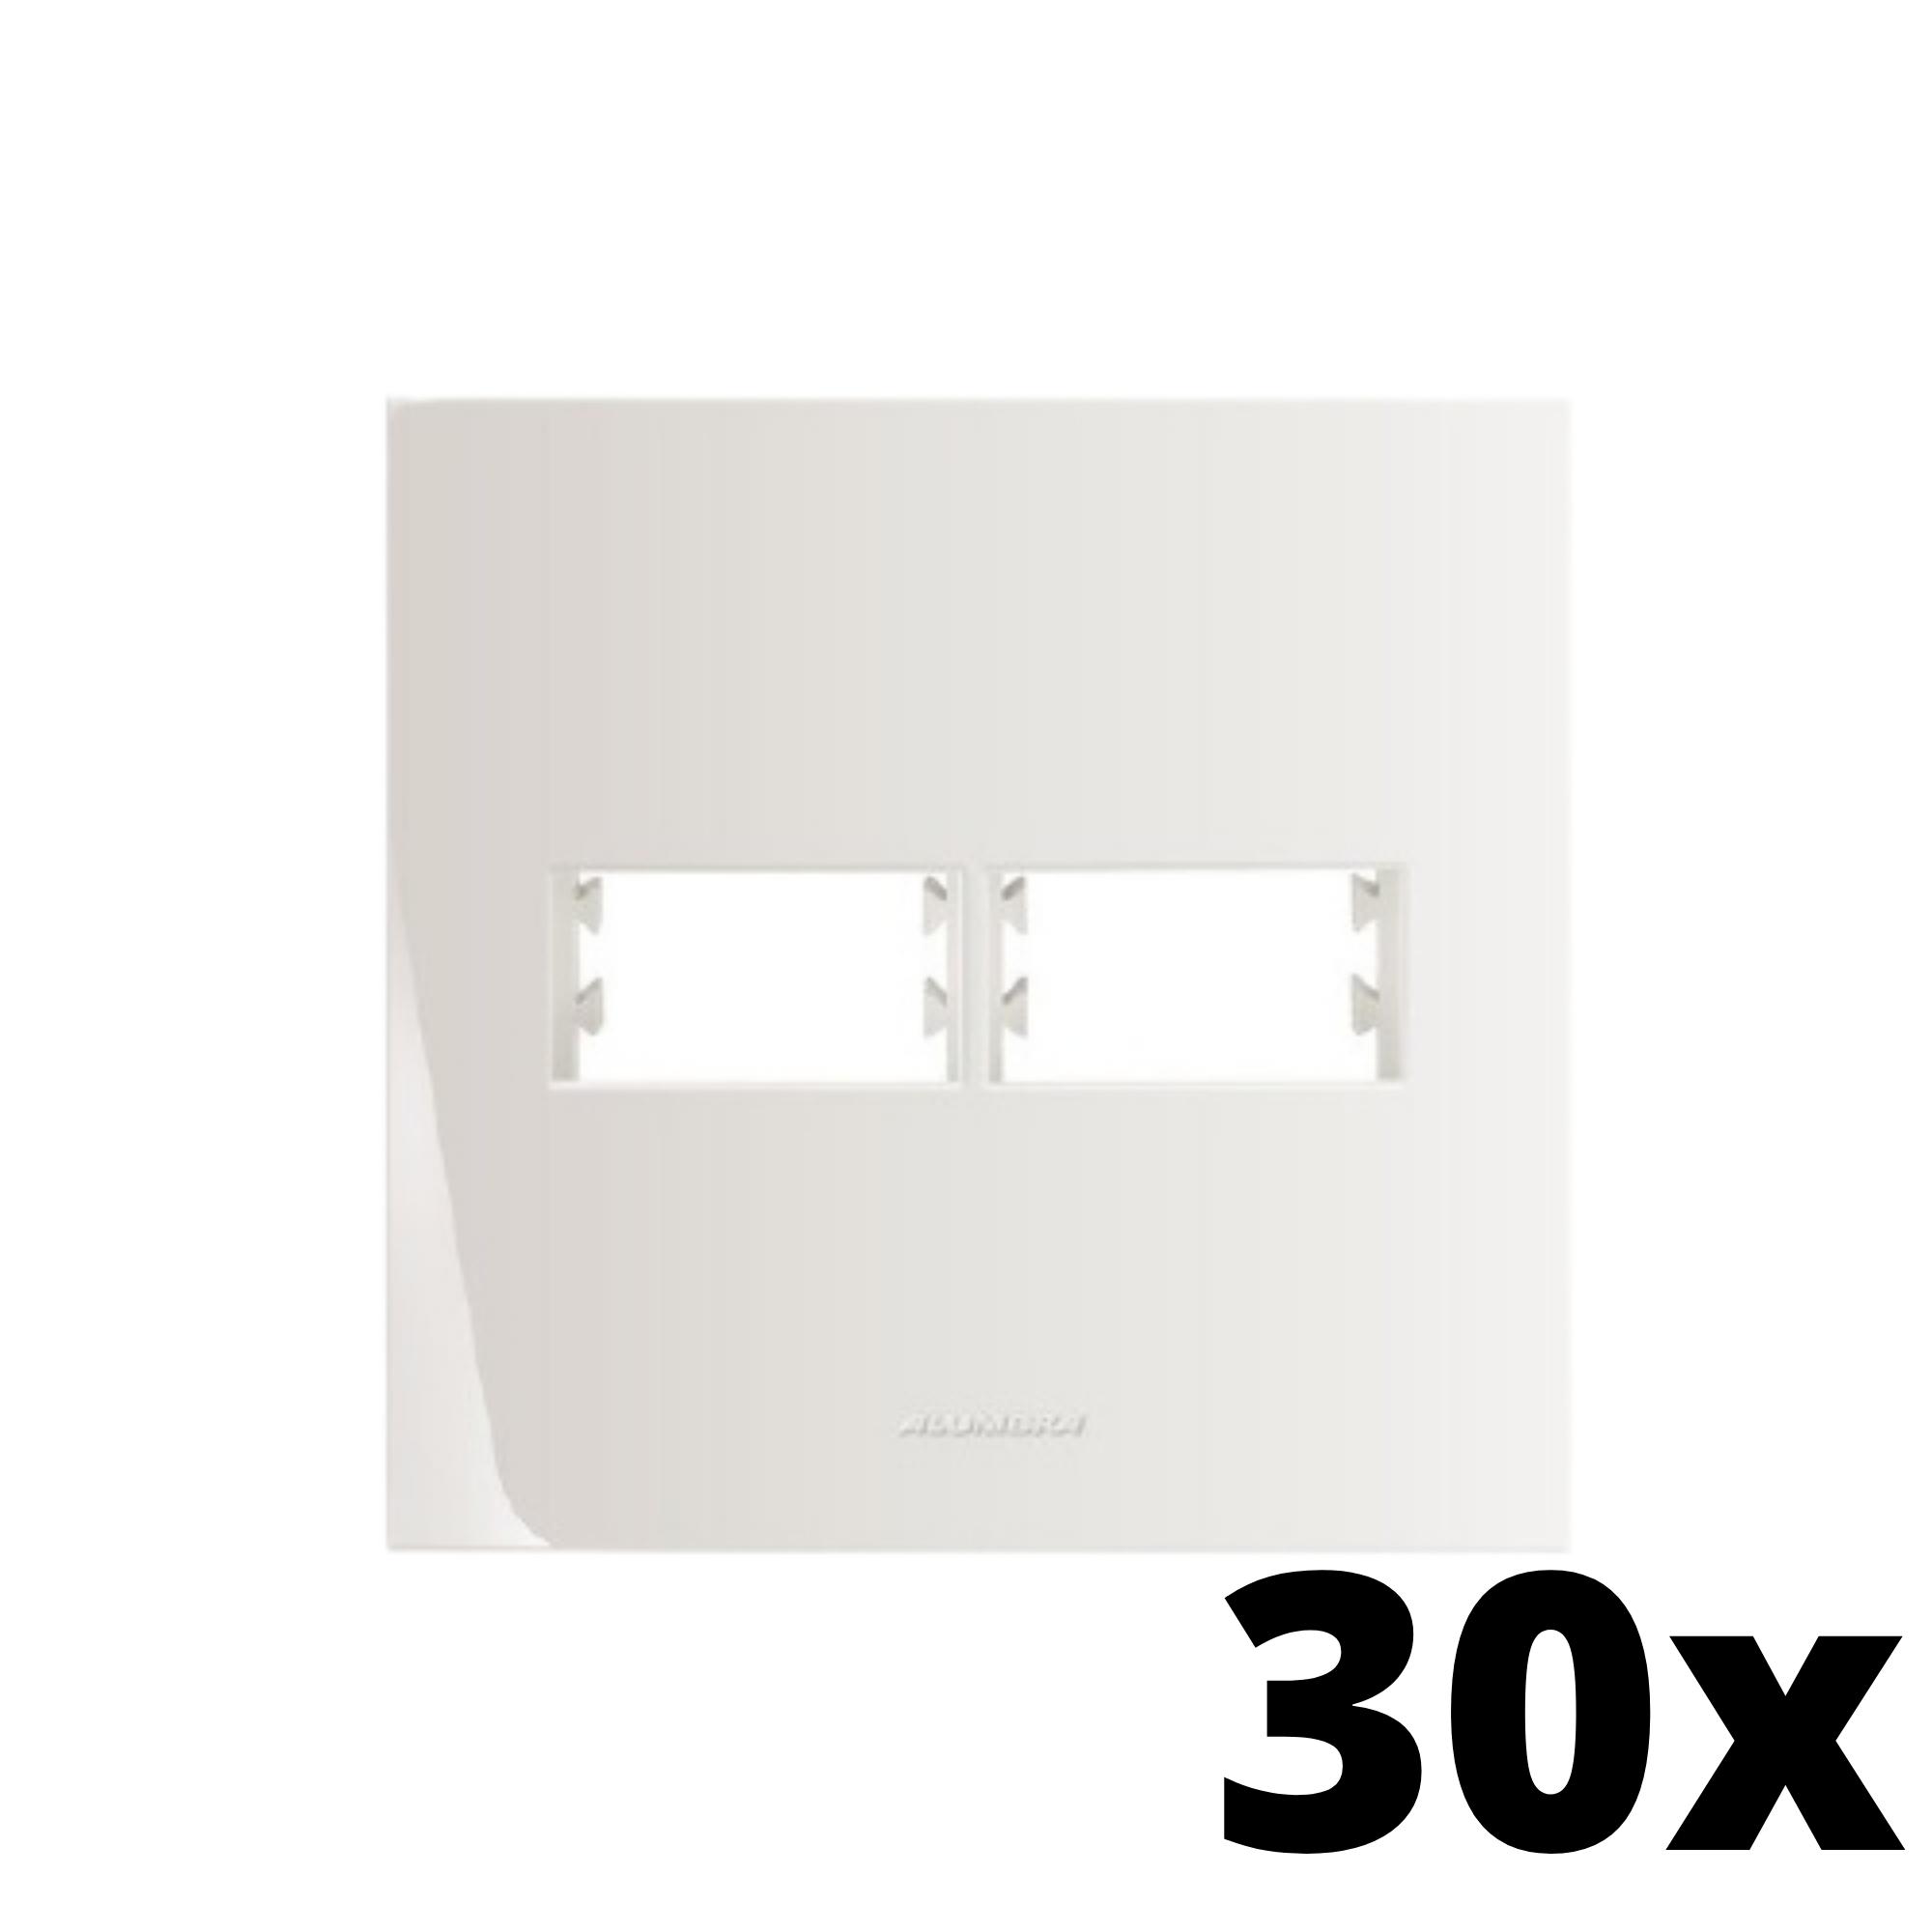 Kit 30 und Inova Pró Placa 4x4 1 Seção + 1 Seção